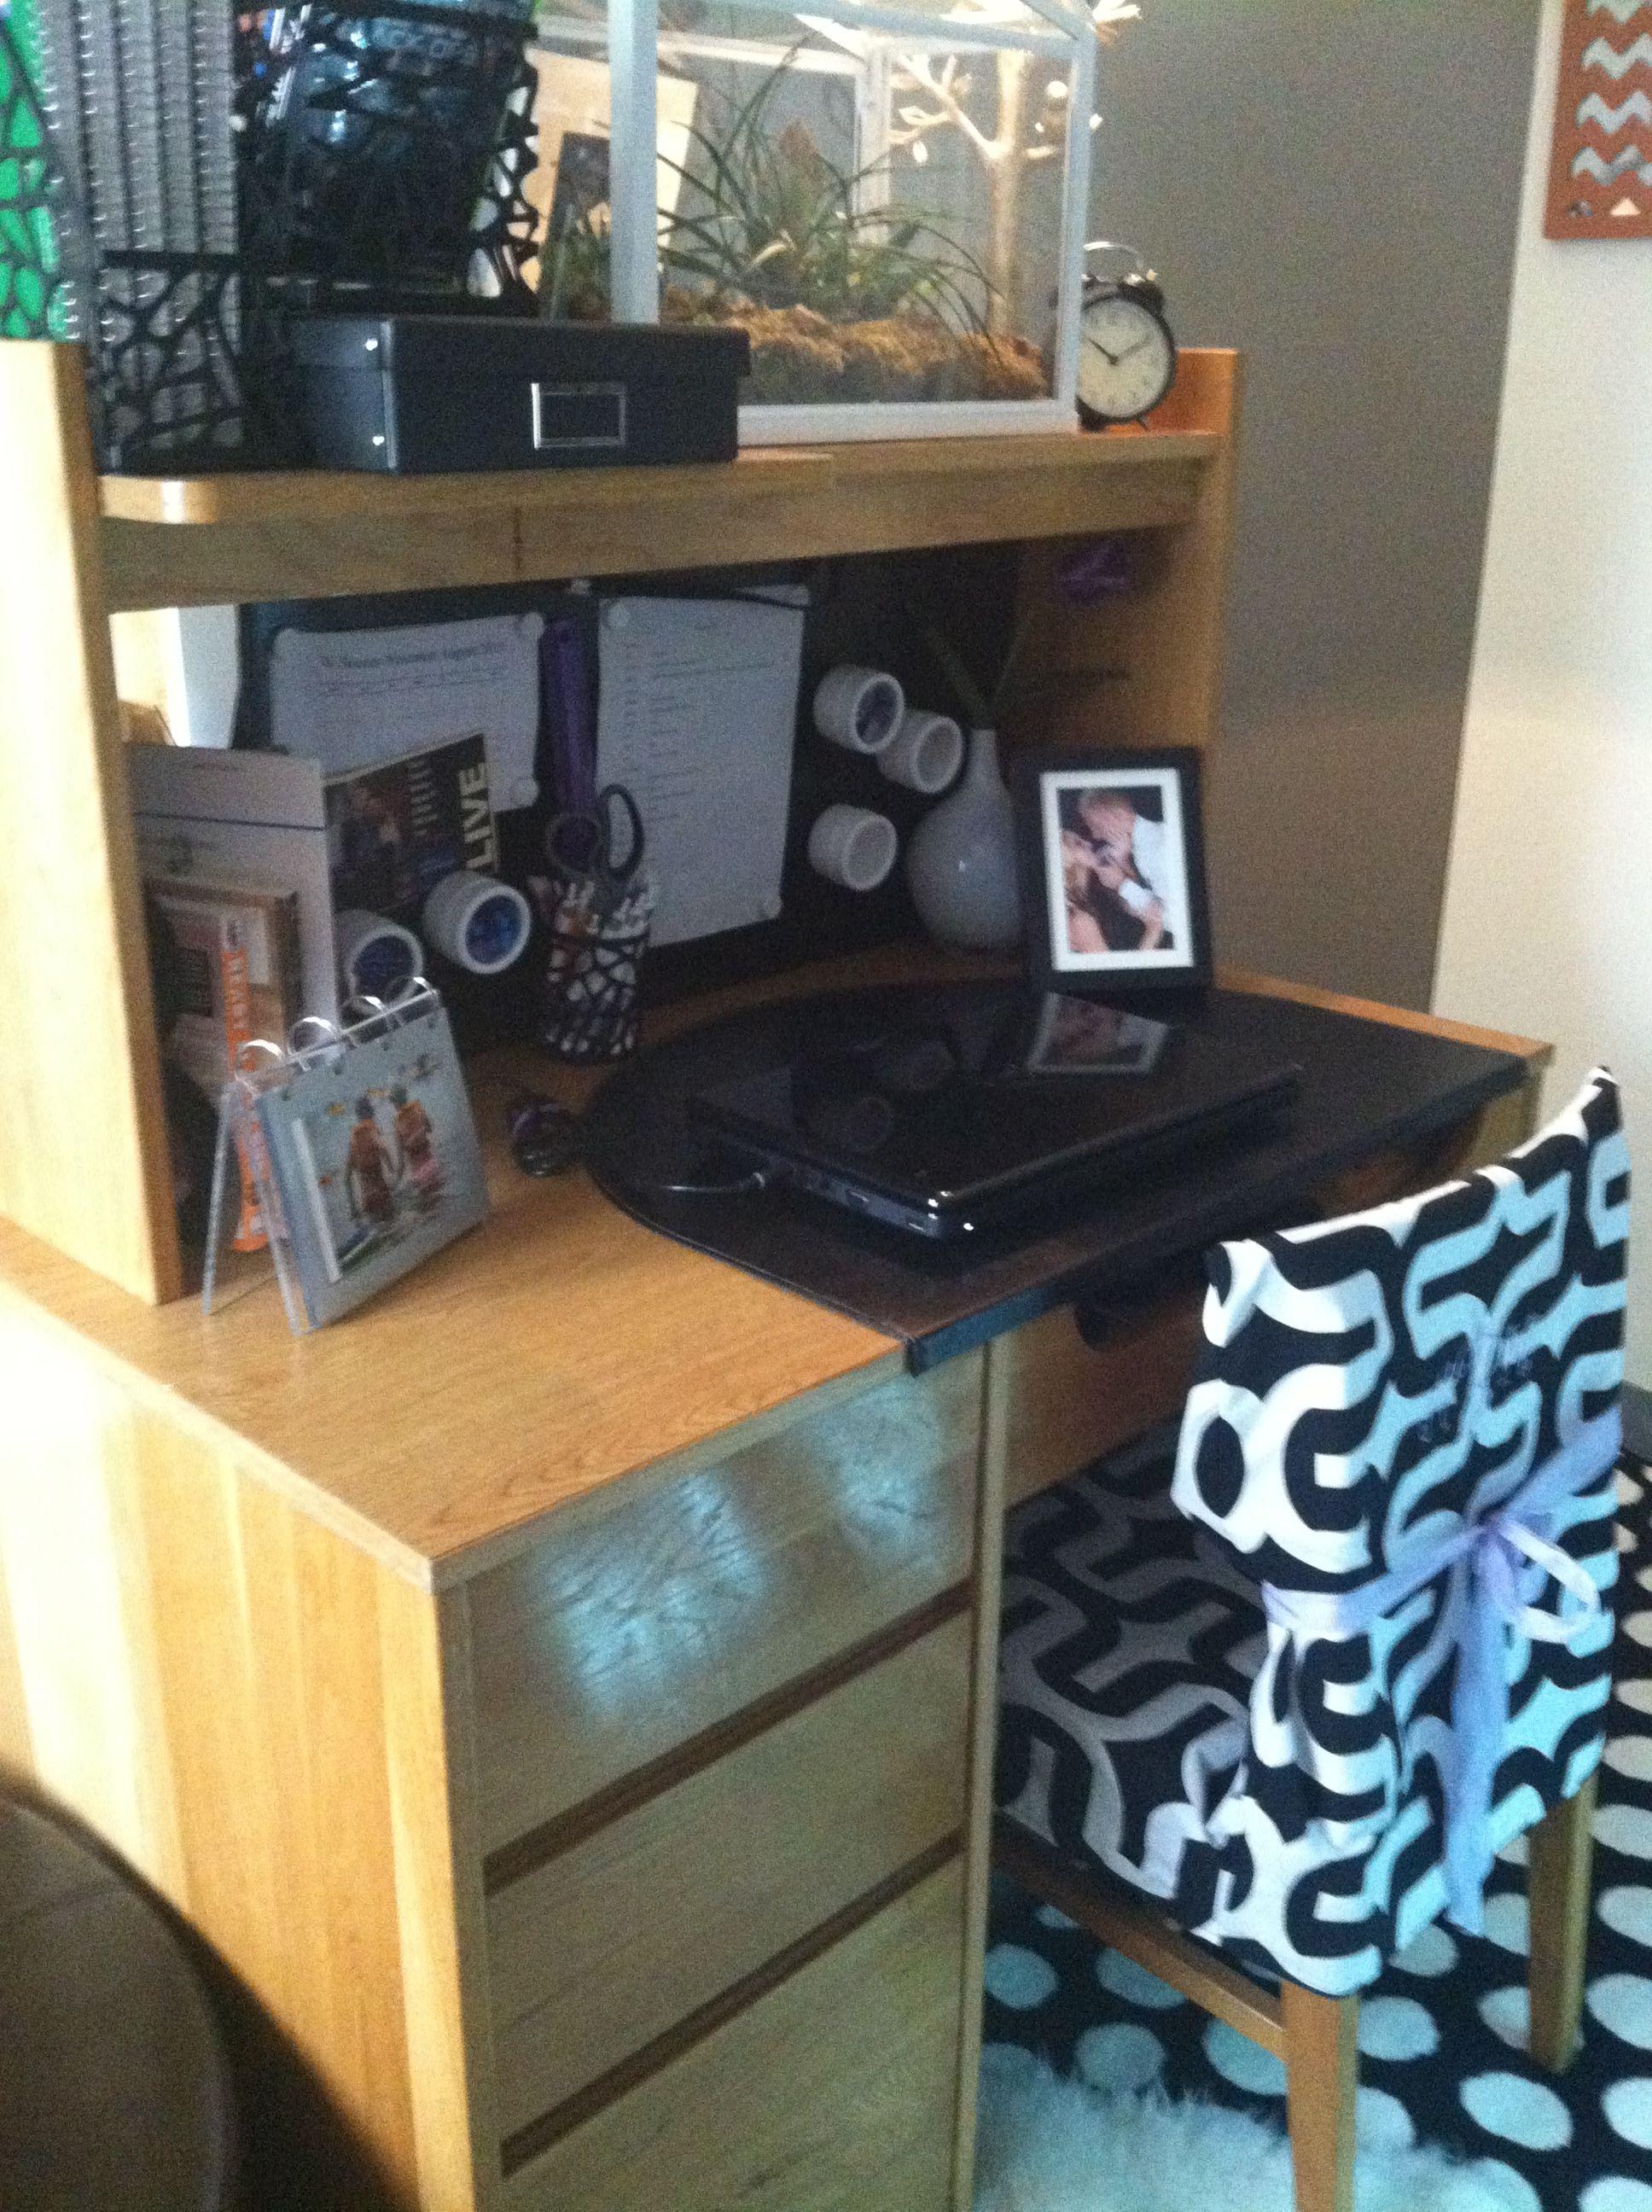 dorm desk college life pinterest dorm desk dorm. Black Bedroom Furniture Sets. Home Design Ideas